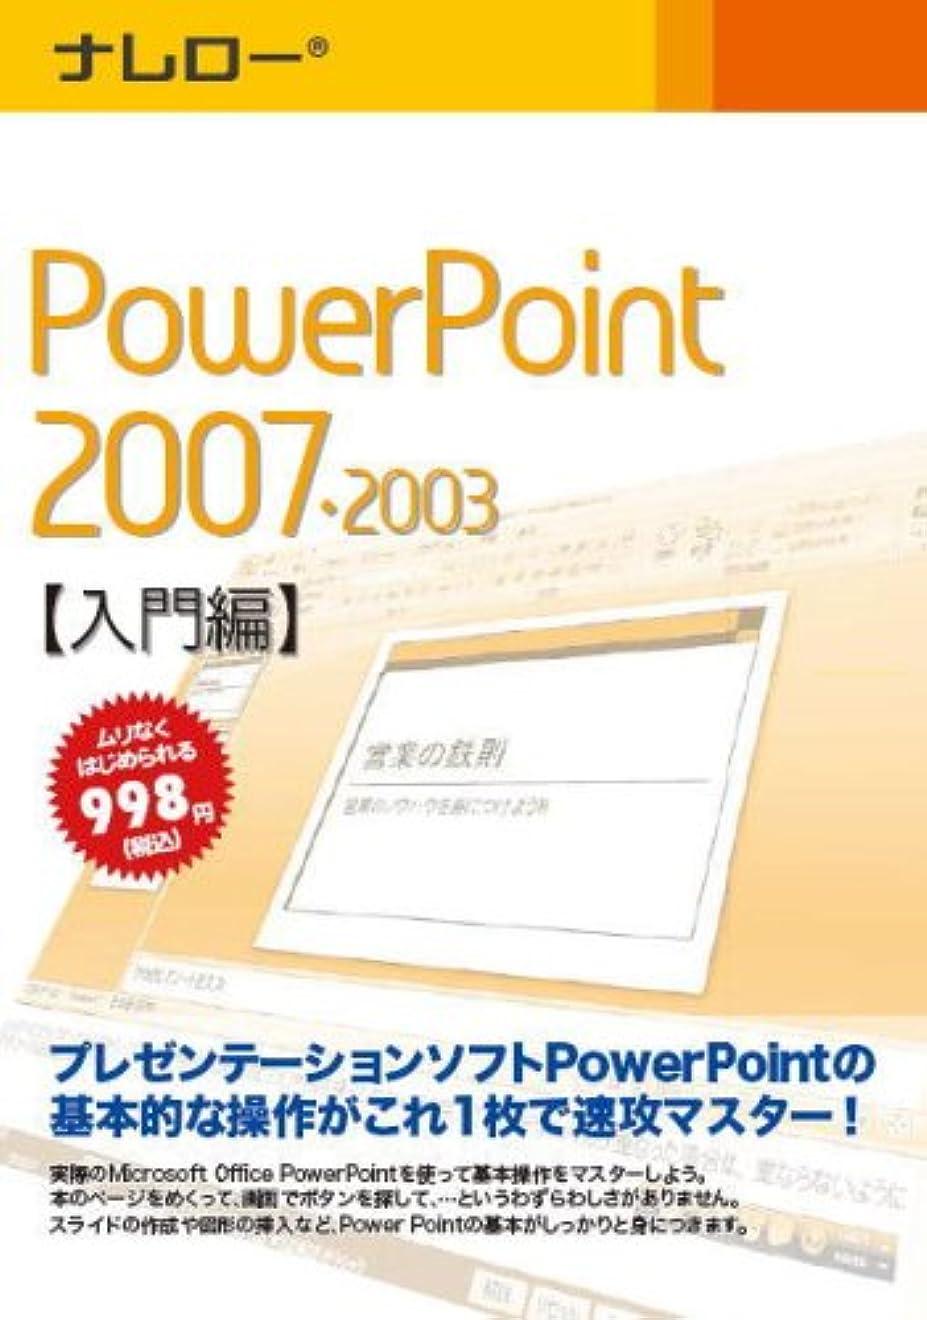 同意する費やす本部ナレロー PowerPoint 2007?2003 【入門編】